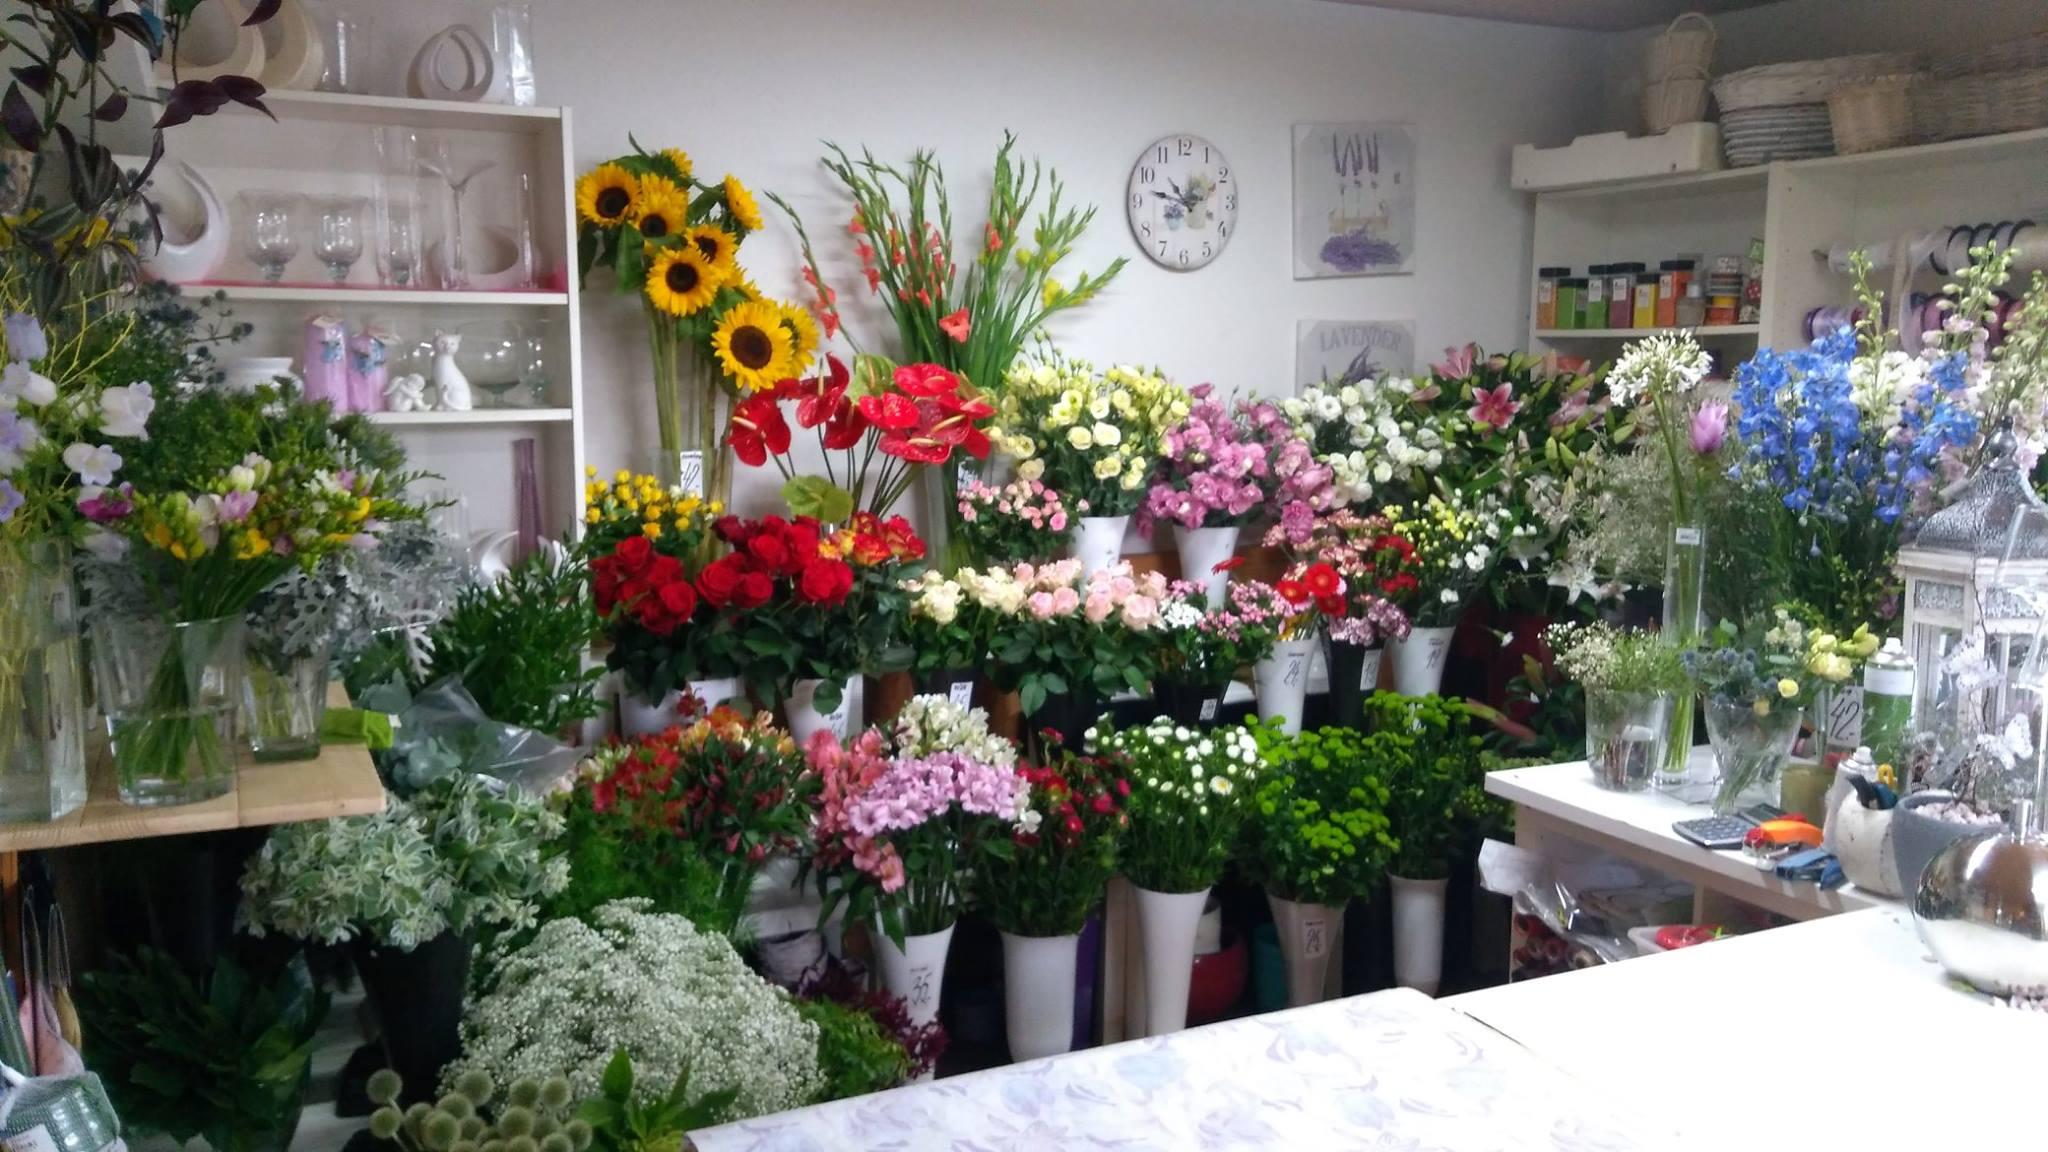 Květinářství, zahradnictví Želechovice - velký výběr semen, balkonových, řezaných květin